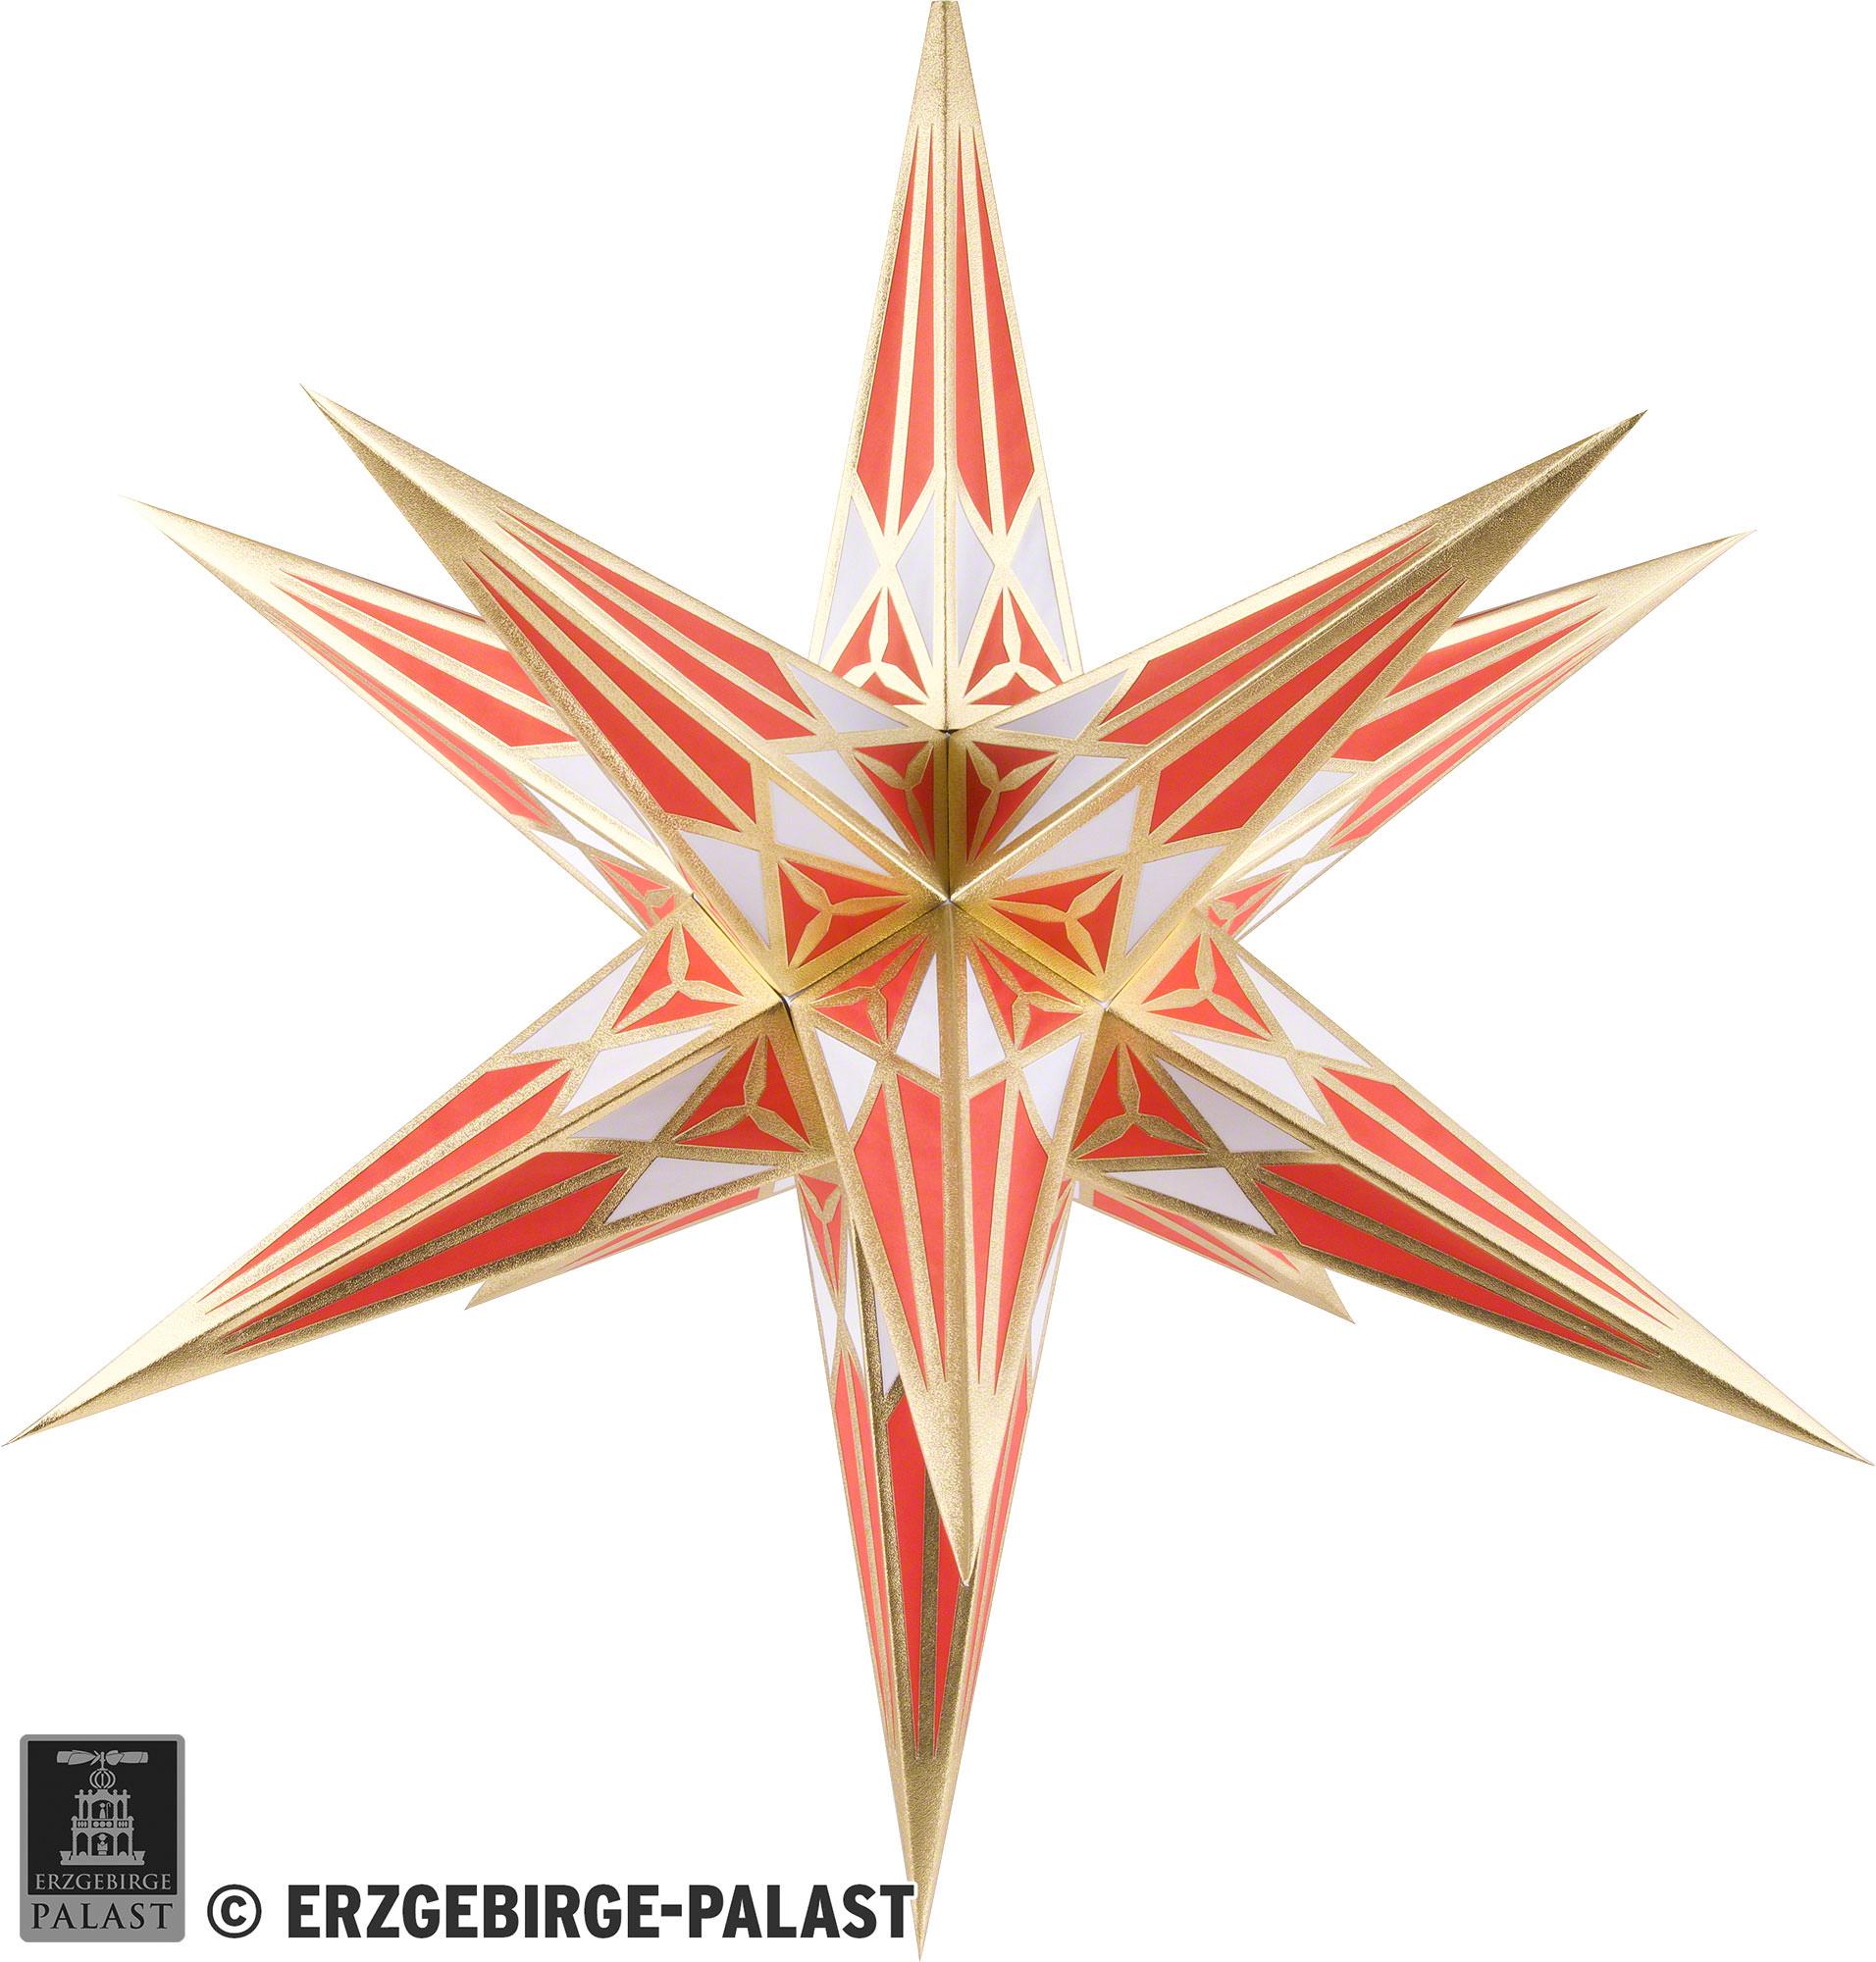 Hartensteiner Weihnachtsstern Für Innen - Weiß-Rot Mit Gold - 68 Cm über Weihnachtsstern Bild